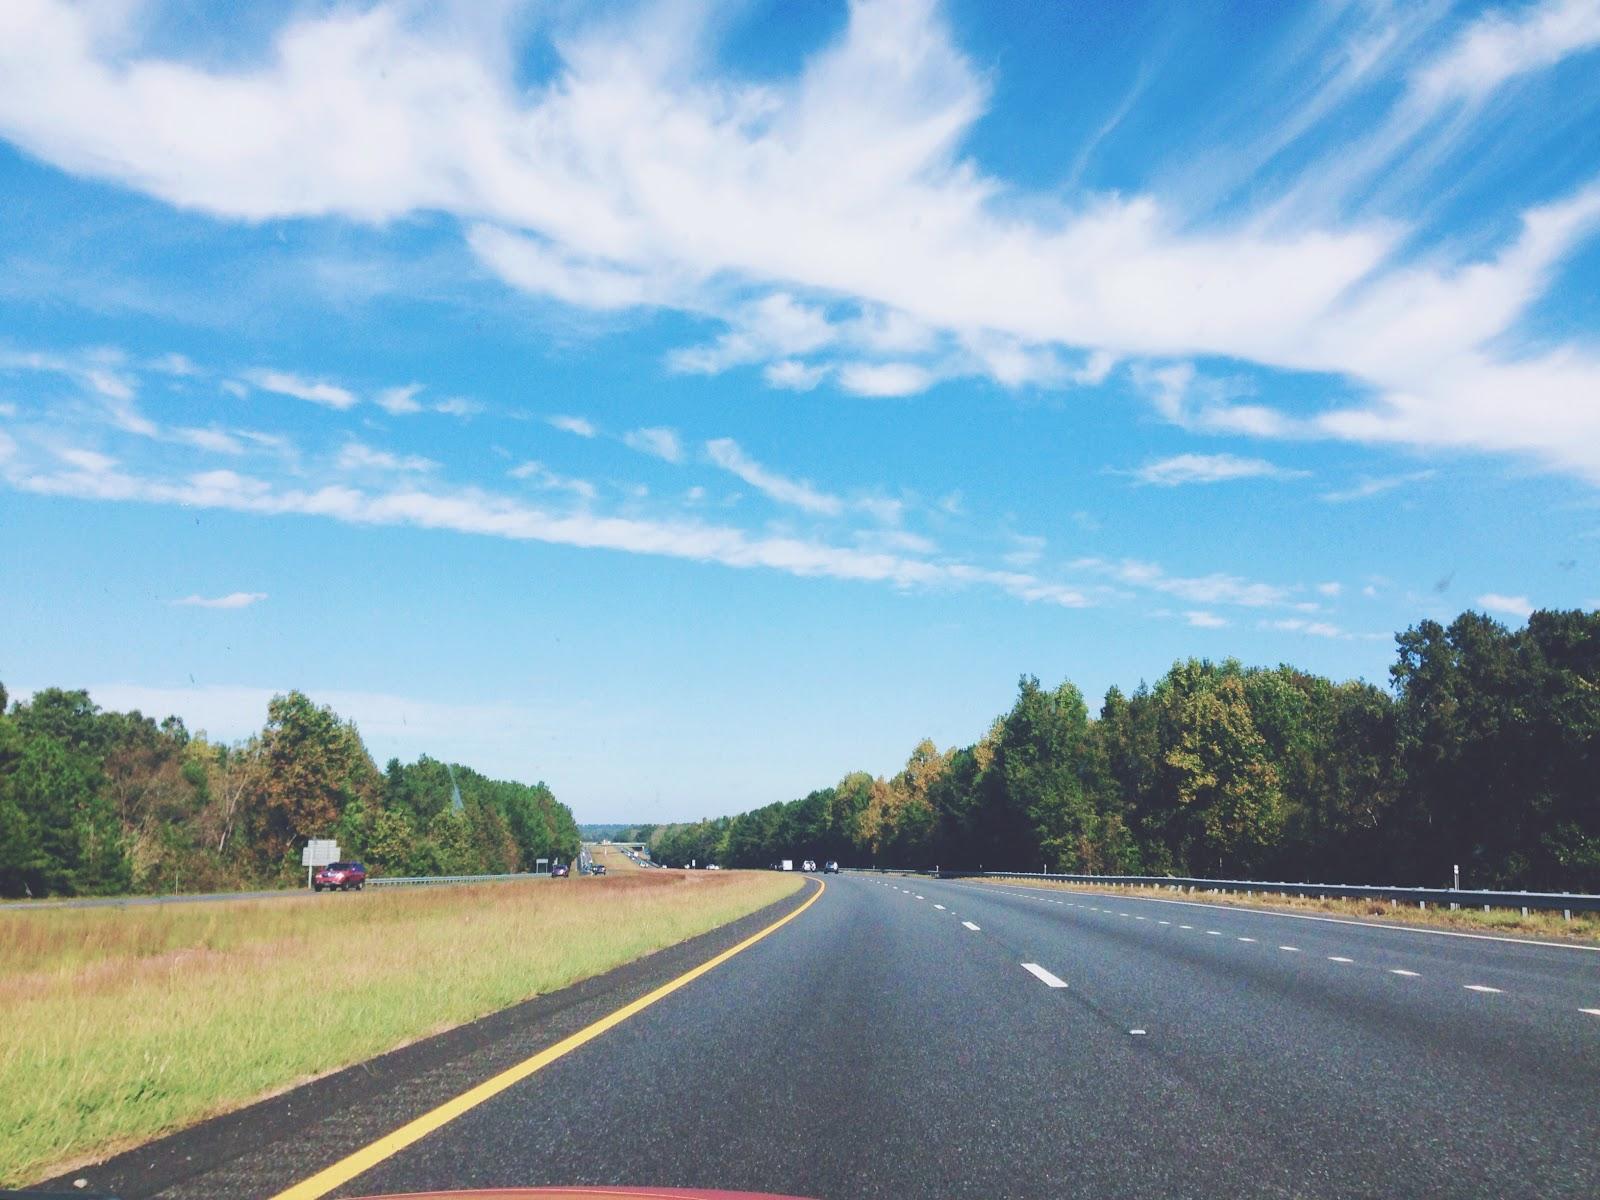 South Carolina I-77